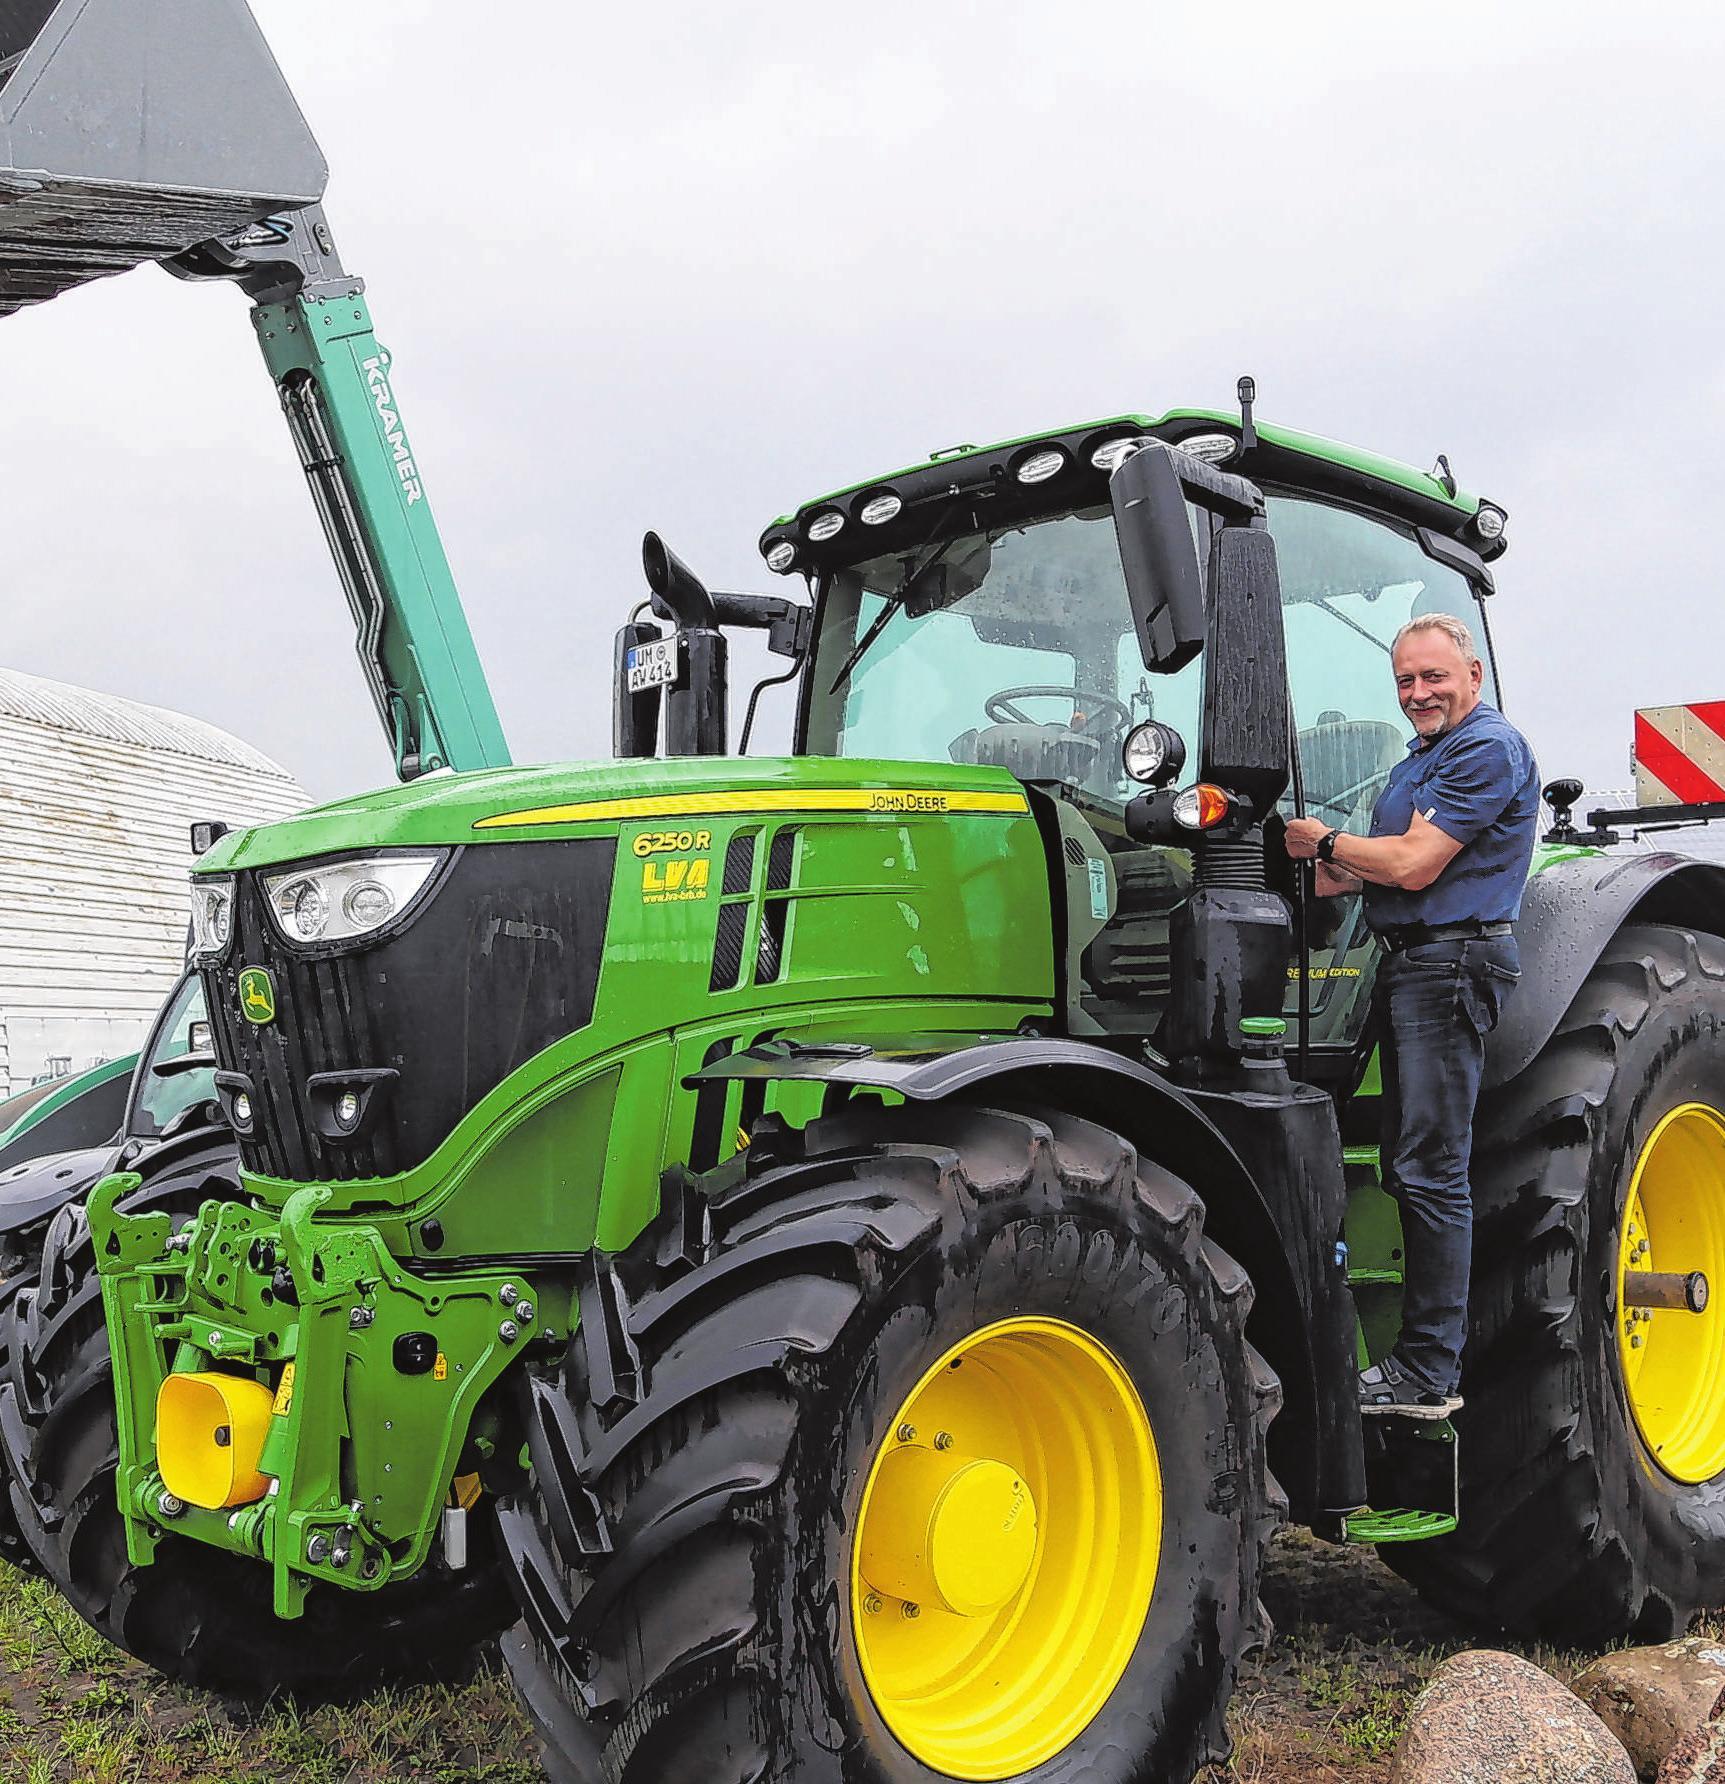 Gigant vor der Haustür: Zur Repräsentation, aber auch für Notfalleinsätze gibt es unter anderem diesen Traktor, den Hans-Jürgen Sanow vorgefahren hat. Fotos: MMH